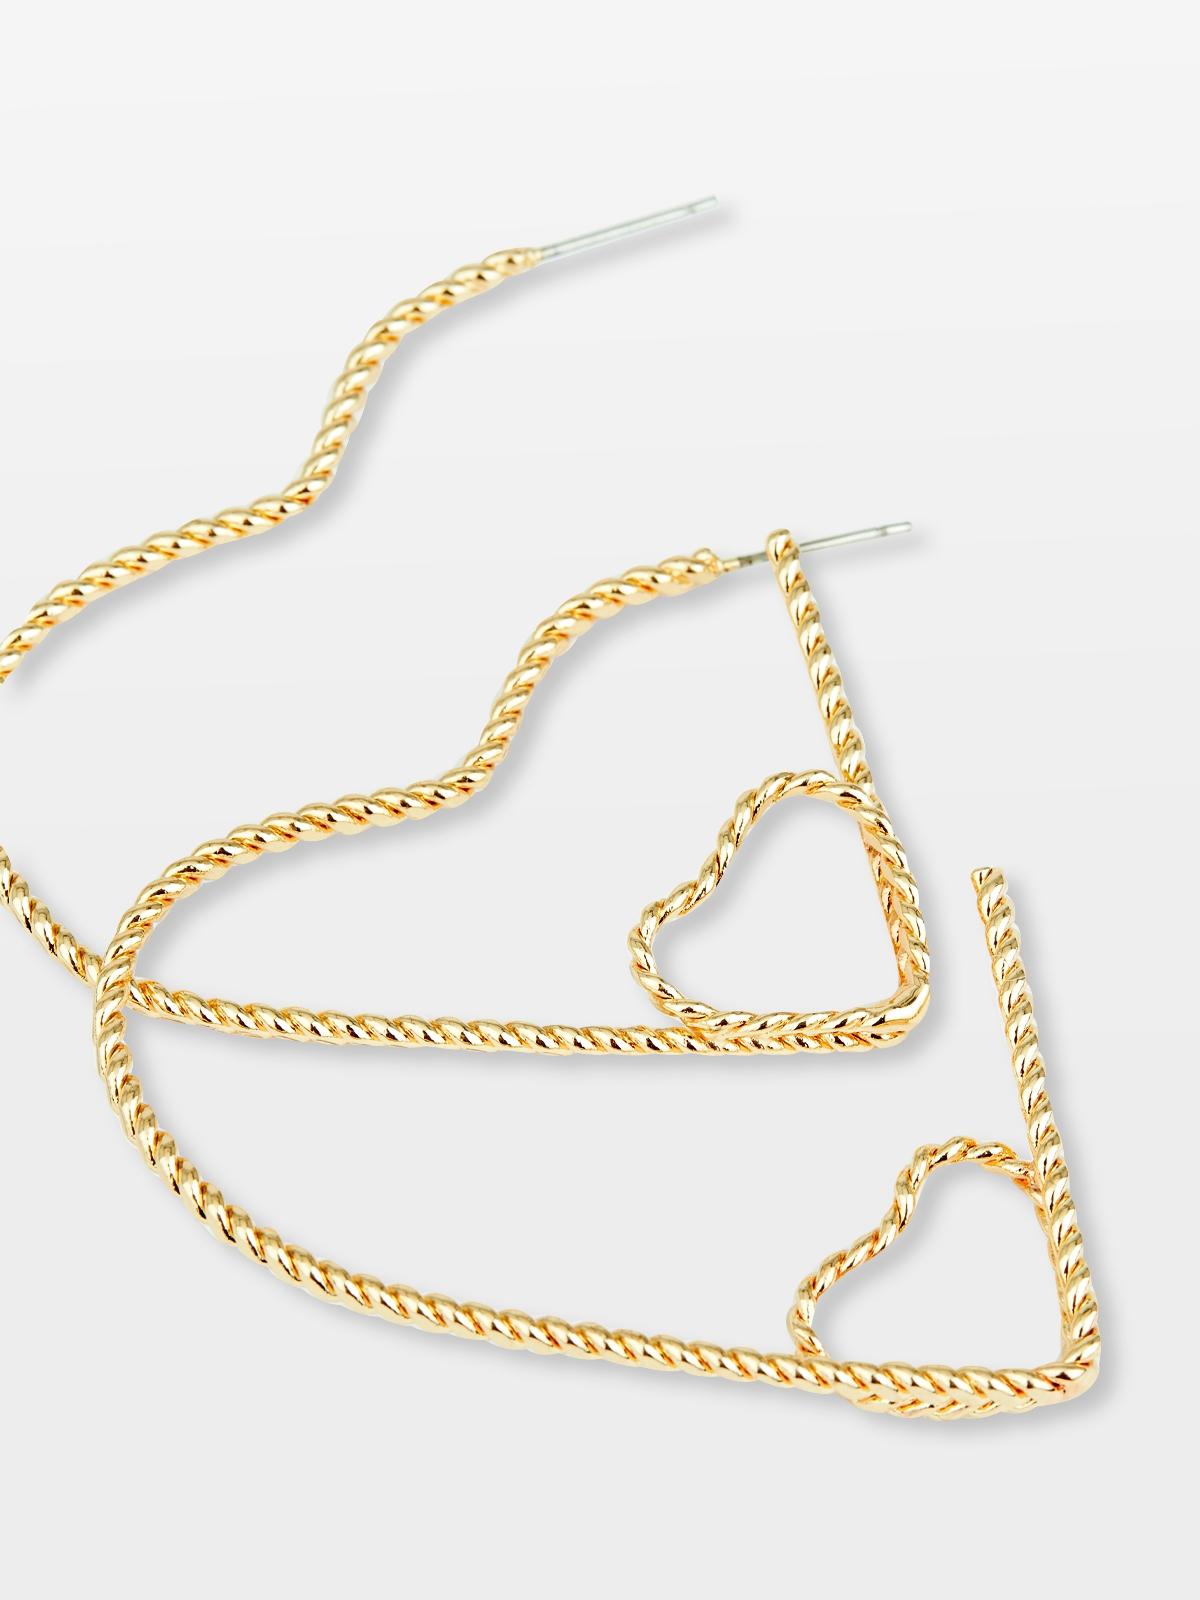 Double Heart Shaped Chain Hoop Earrings Gold